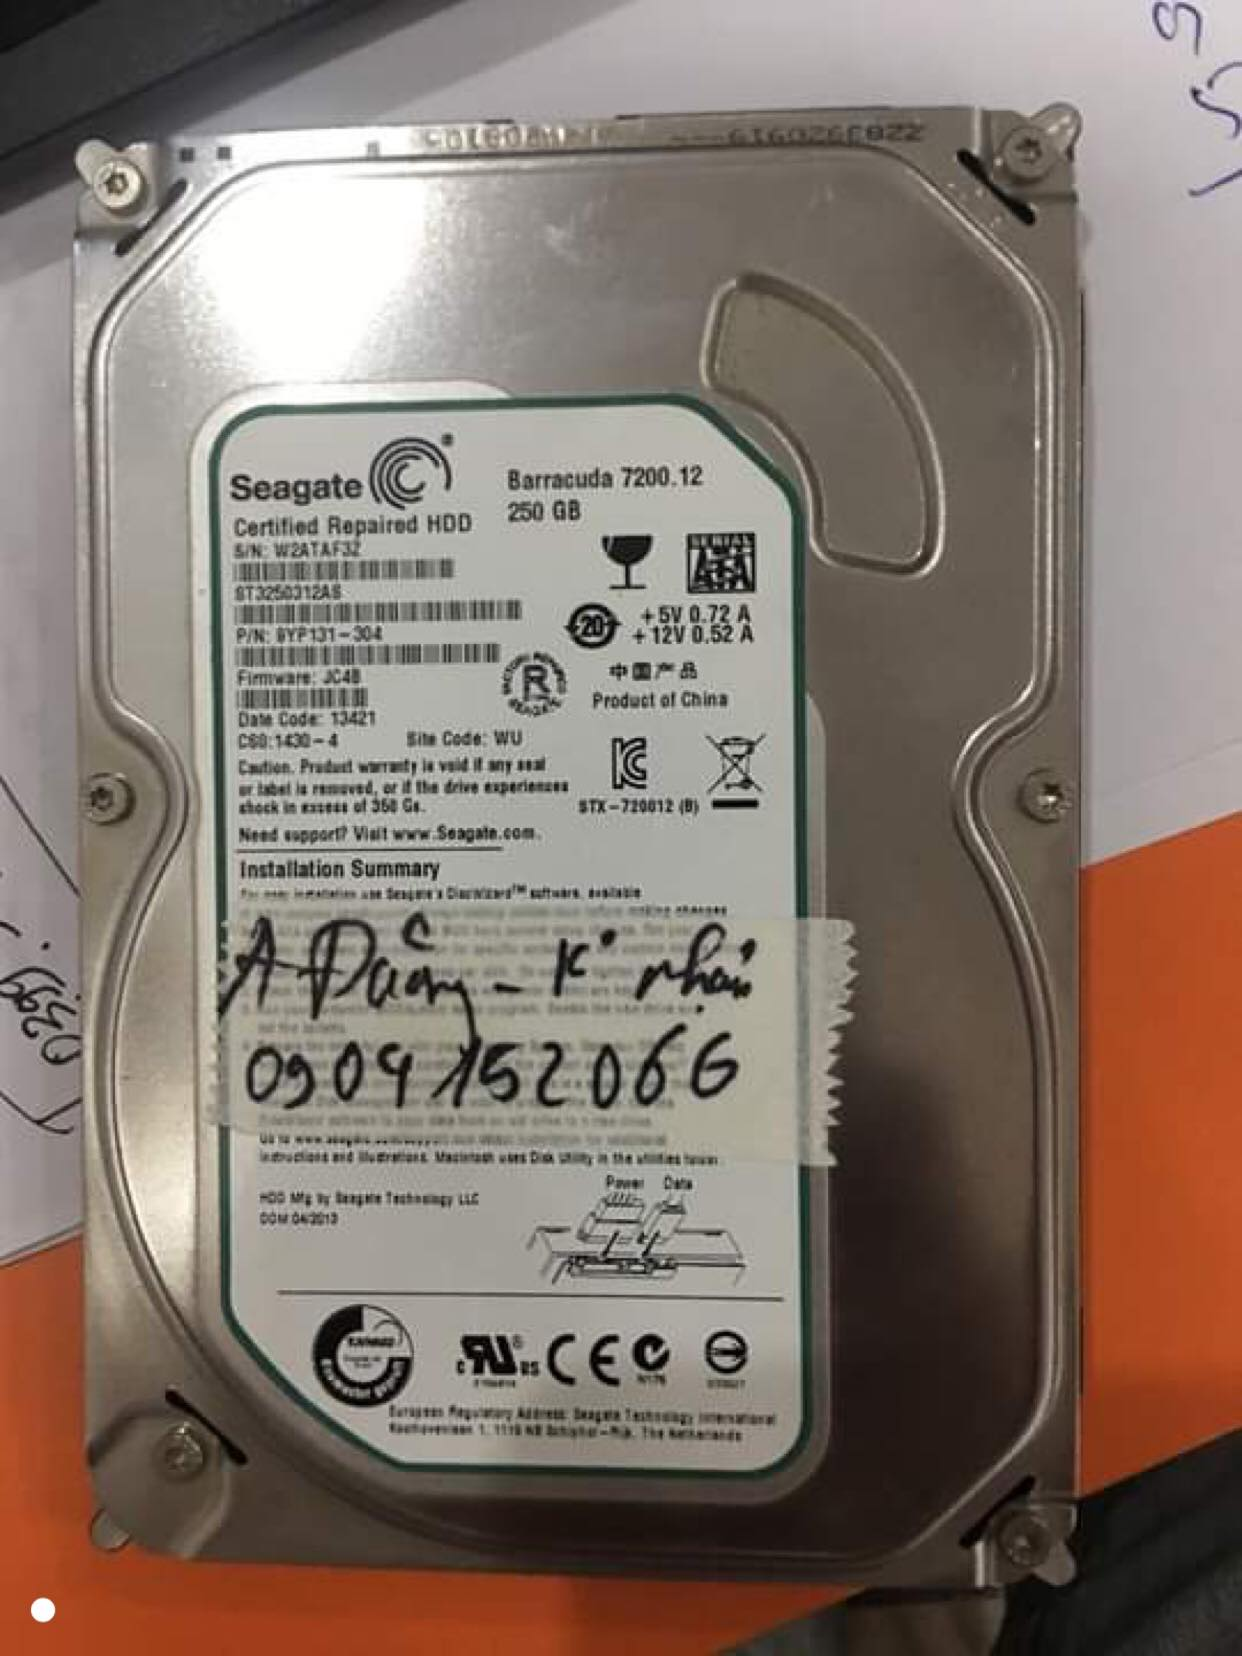 Khôi phục dữ liệu ổ cứng Seagate 250GB không nhận 27/08/2019 - cuumaytinh